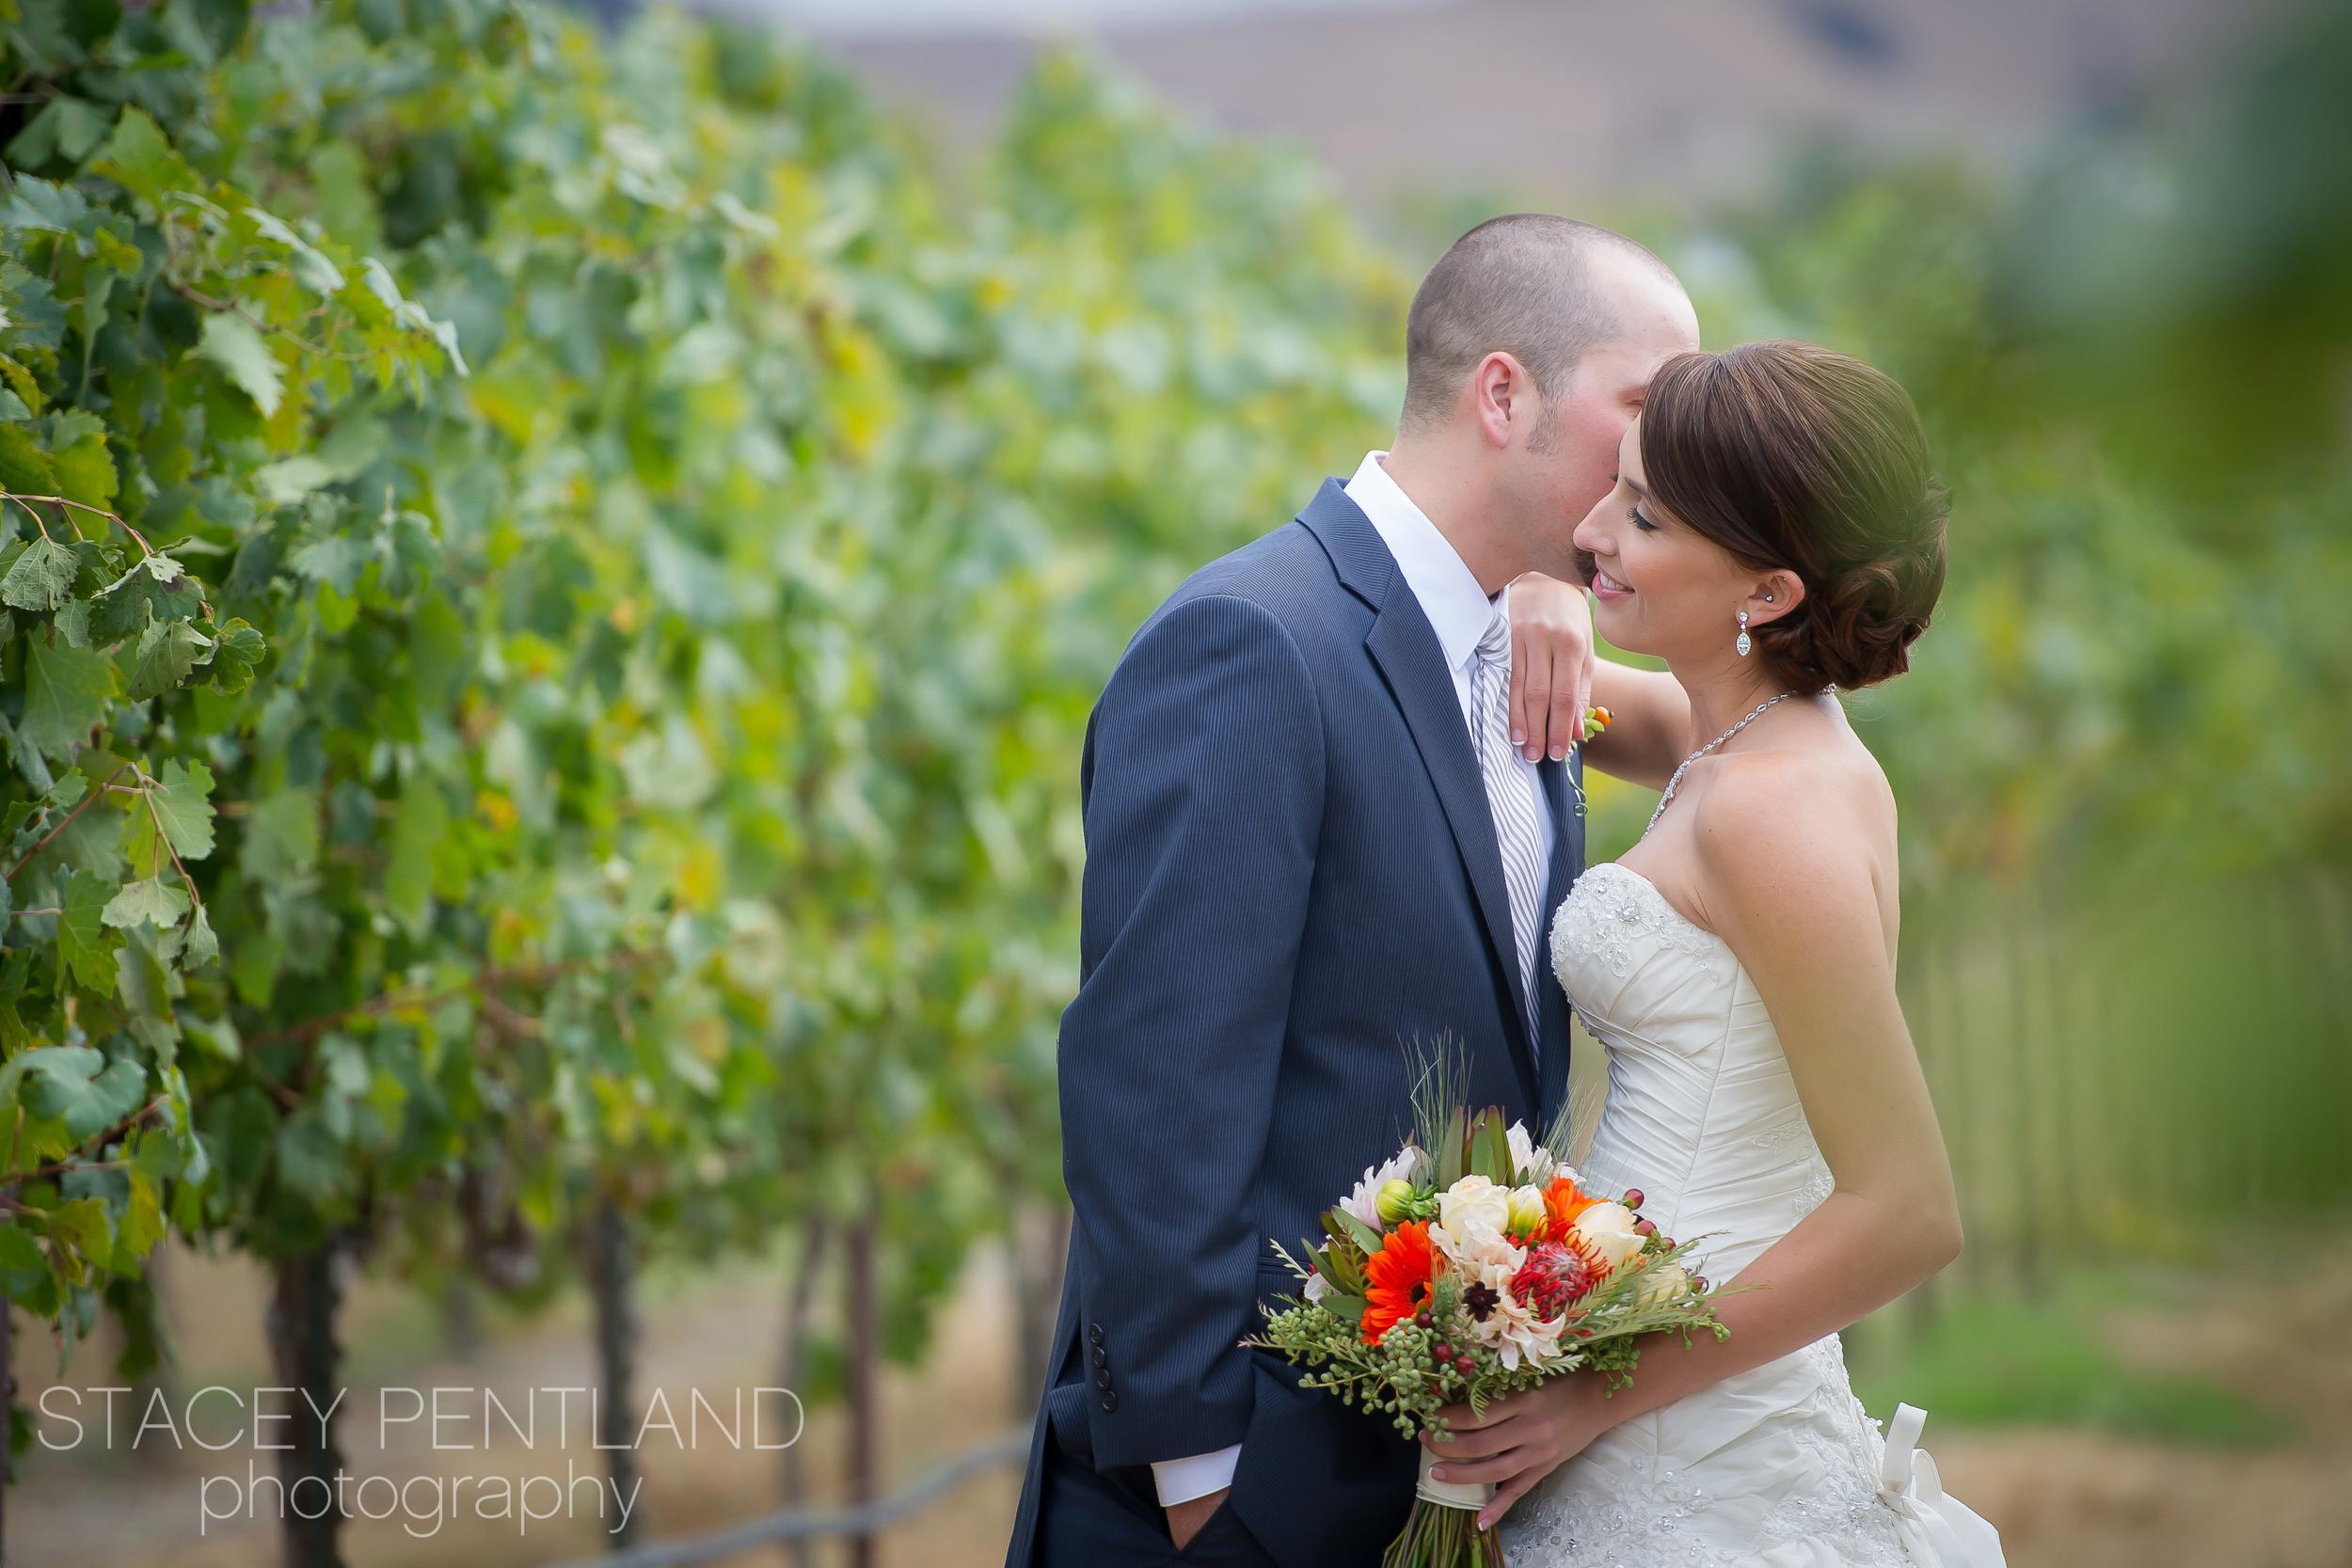 michelle+david_wedding_spp_001.jpg